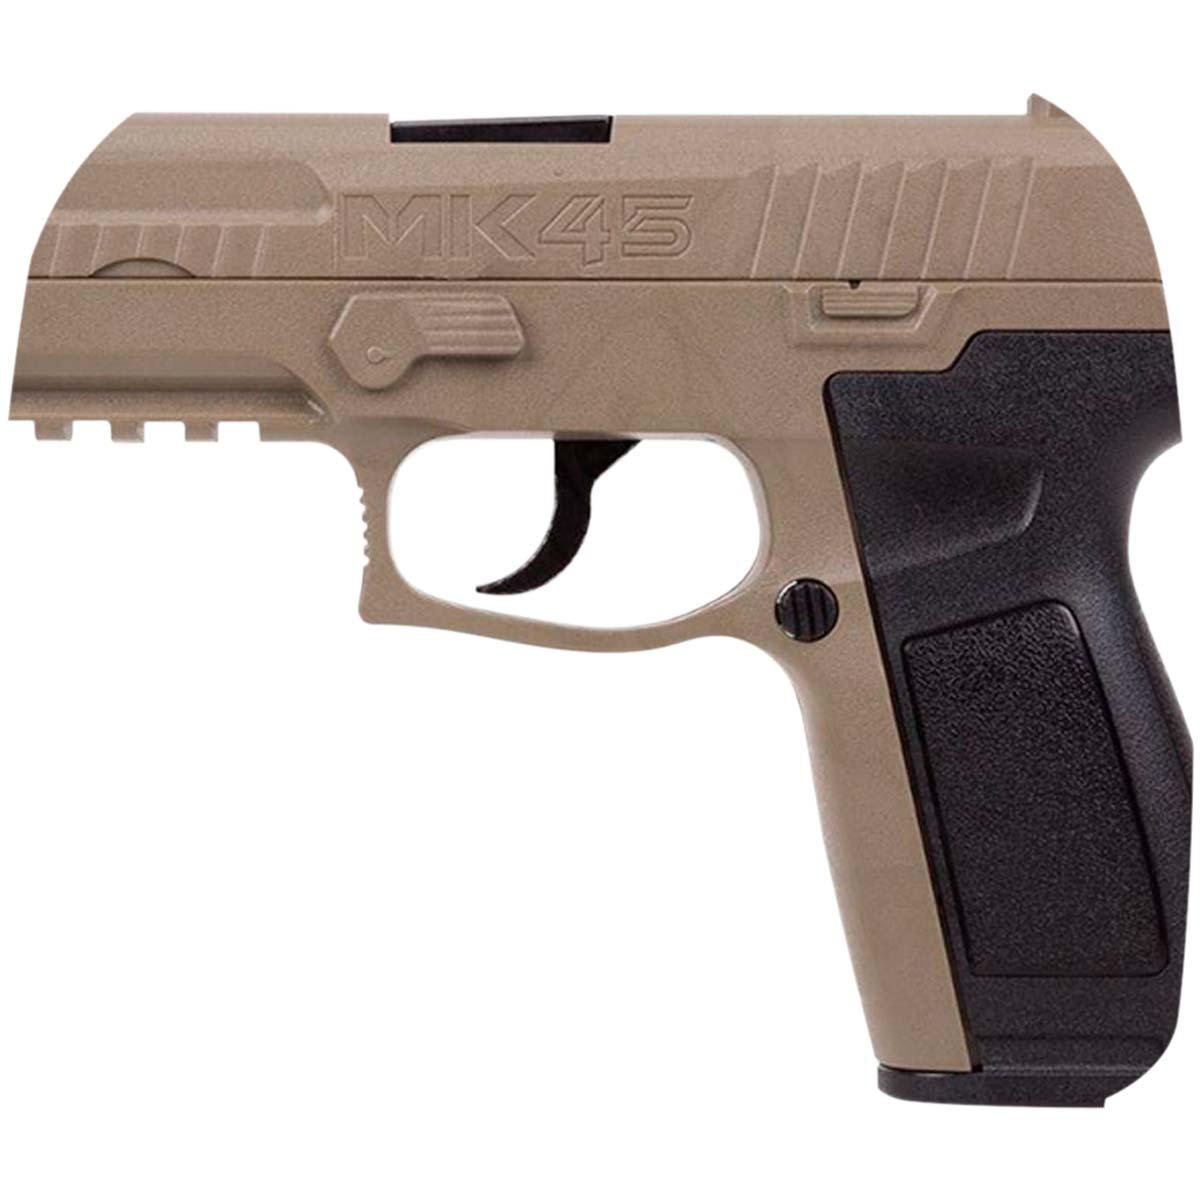 Pistola CO2 480 pps Polimero Bbs Calibre 4.5 MM Tiro Crosman